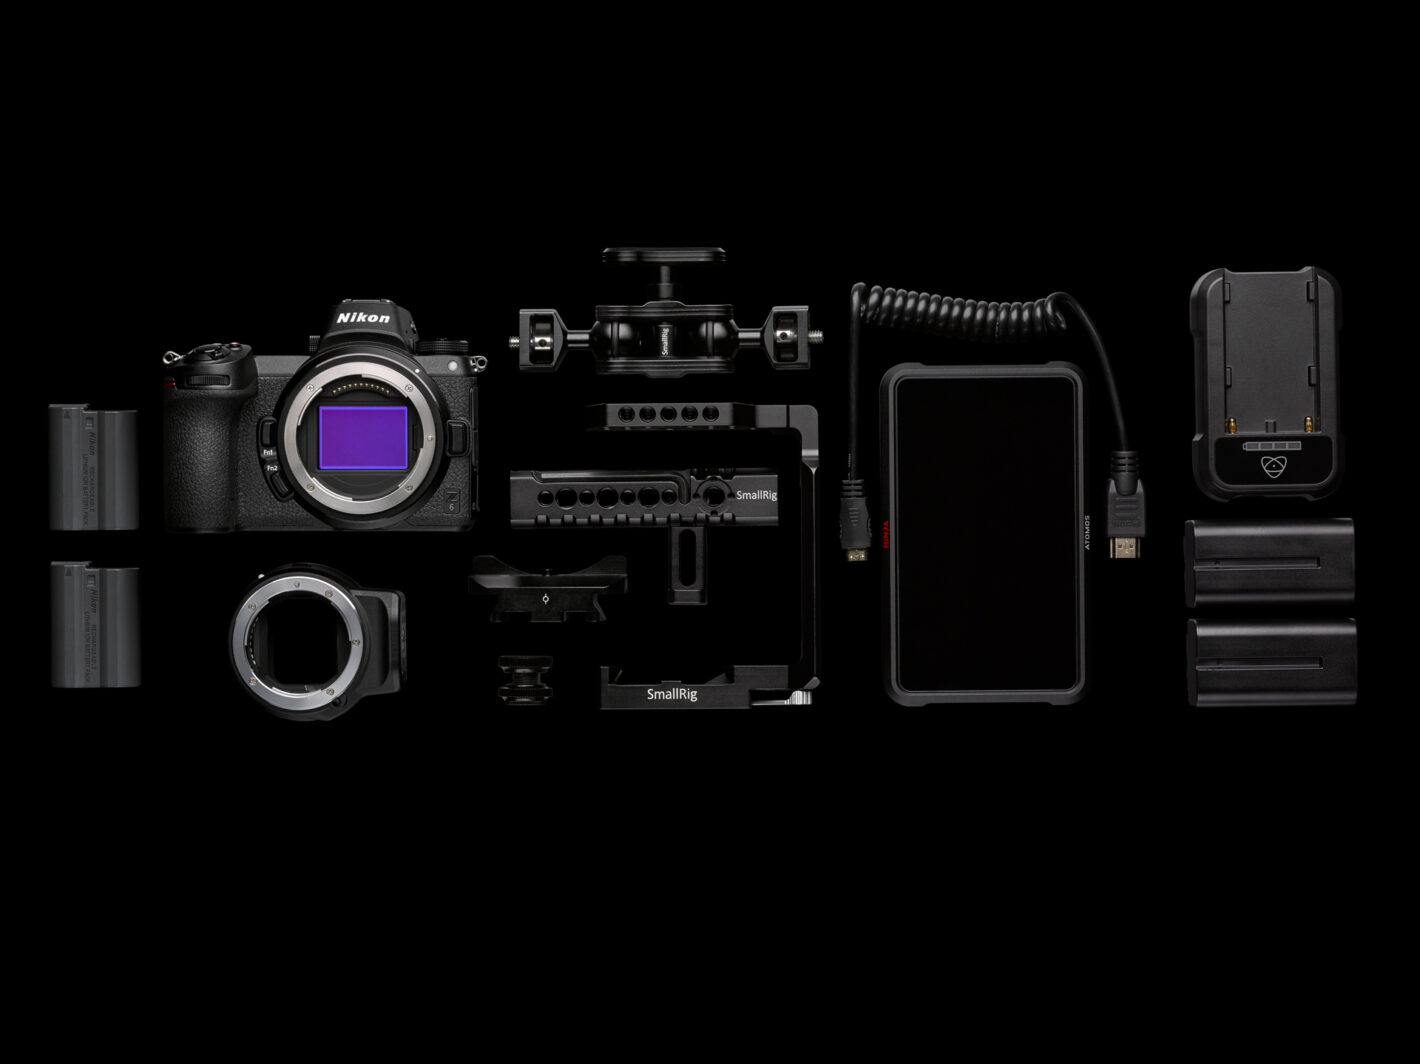 Découvrez le nouveau kit Nikon Z6 conçu pour les cinéastes et vidéastes